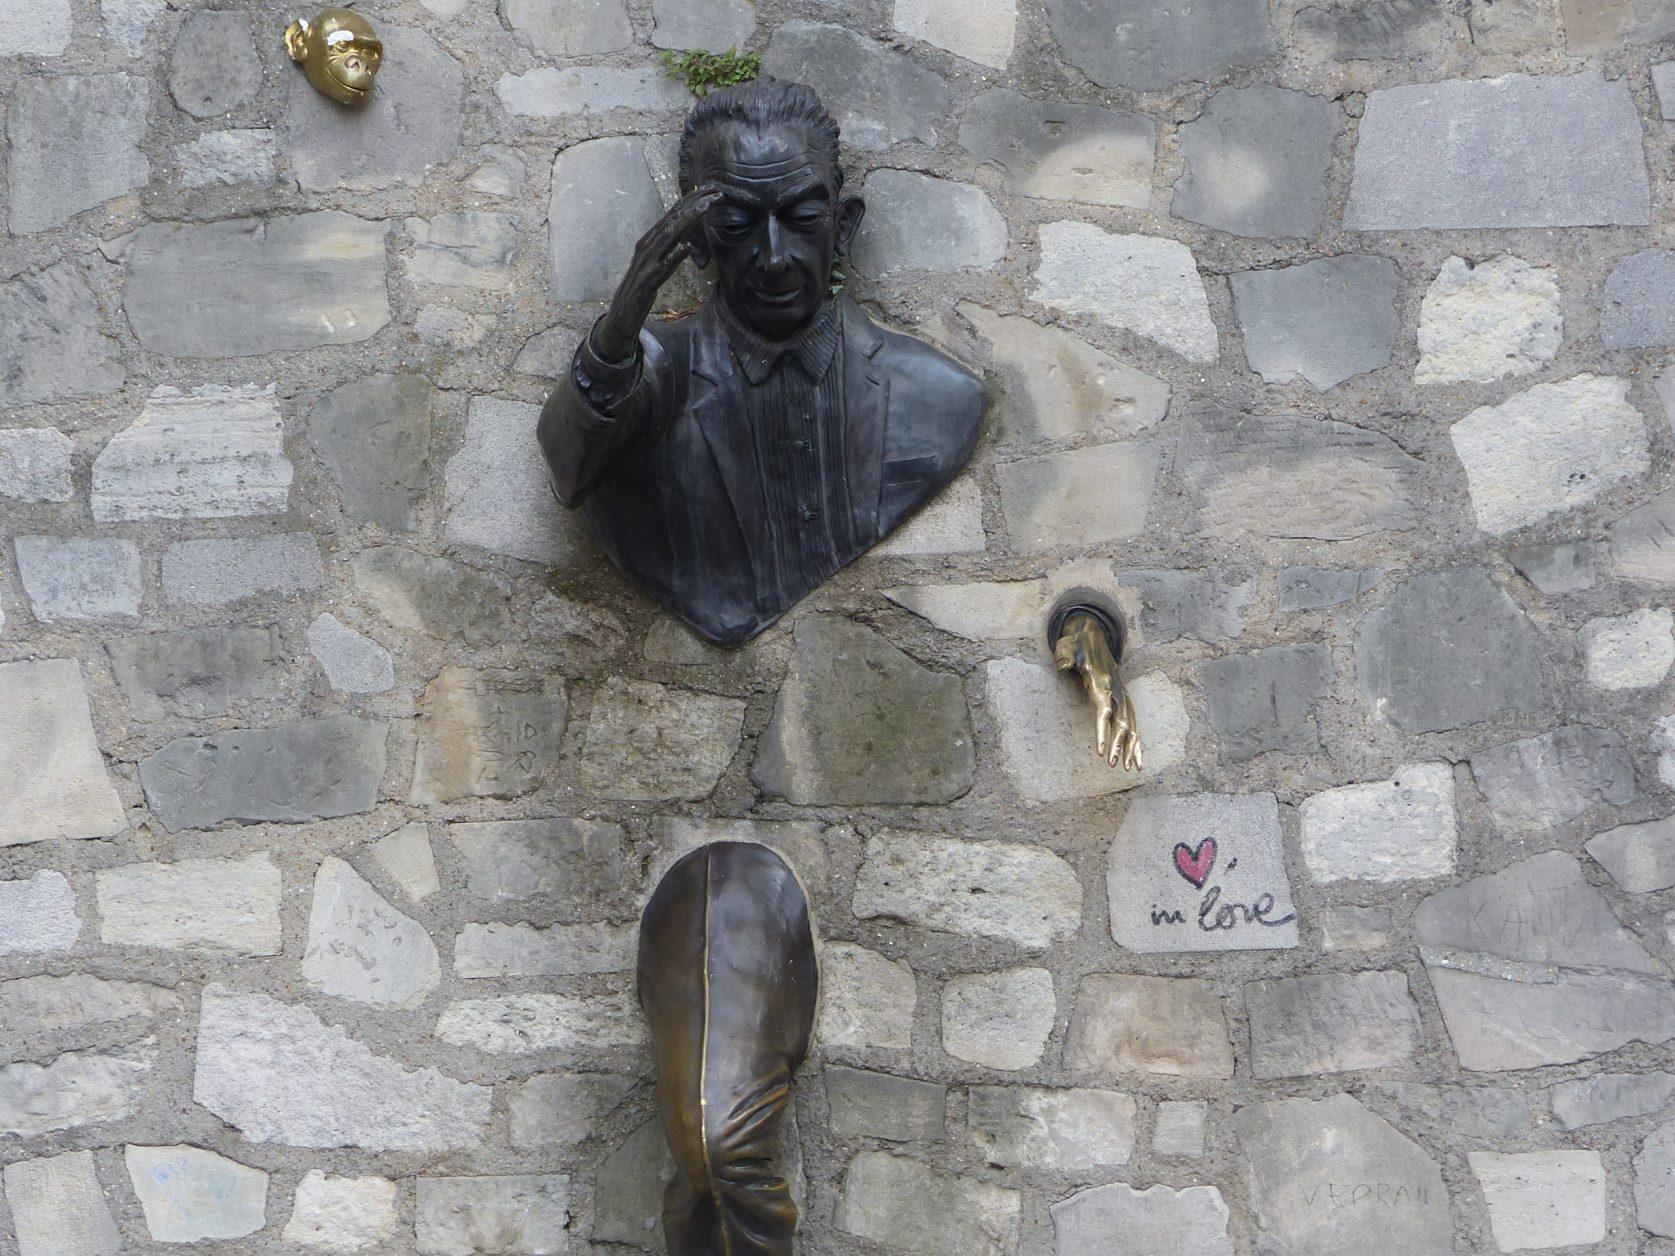 """Die Figur diente u.a. auch als Inspiration für die Filmkomödie von Ladislao Vajda """"Ein Mann ging durch die Wand"""" aus dem Jahr 1959 mit Heinz Rühmann in der Hauptrolle. Foto: K. Weirauch"""